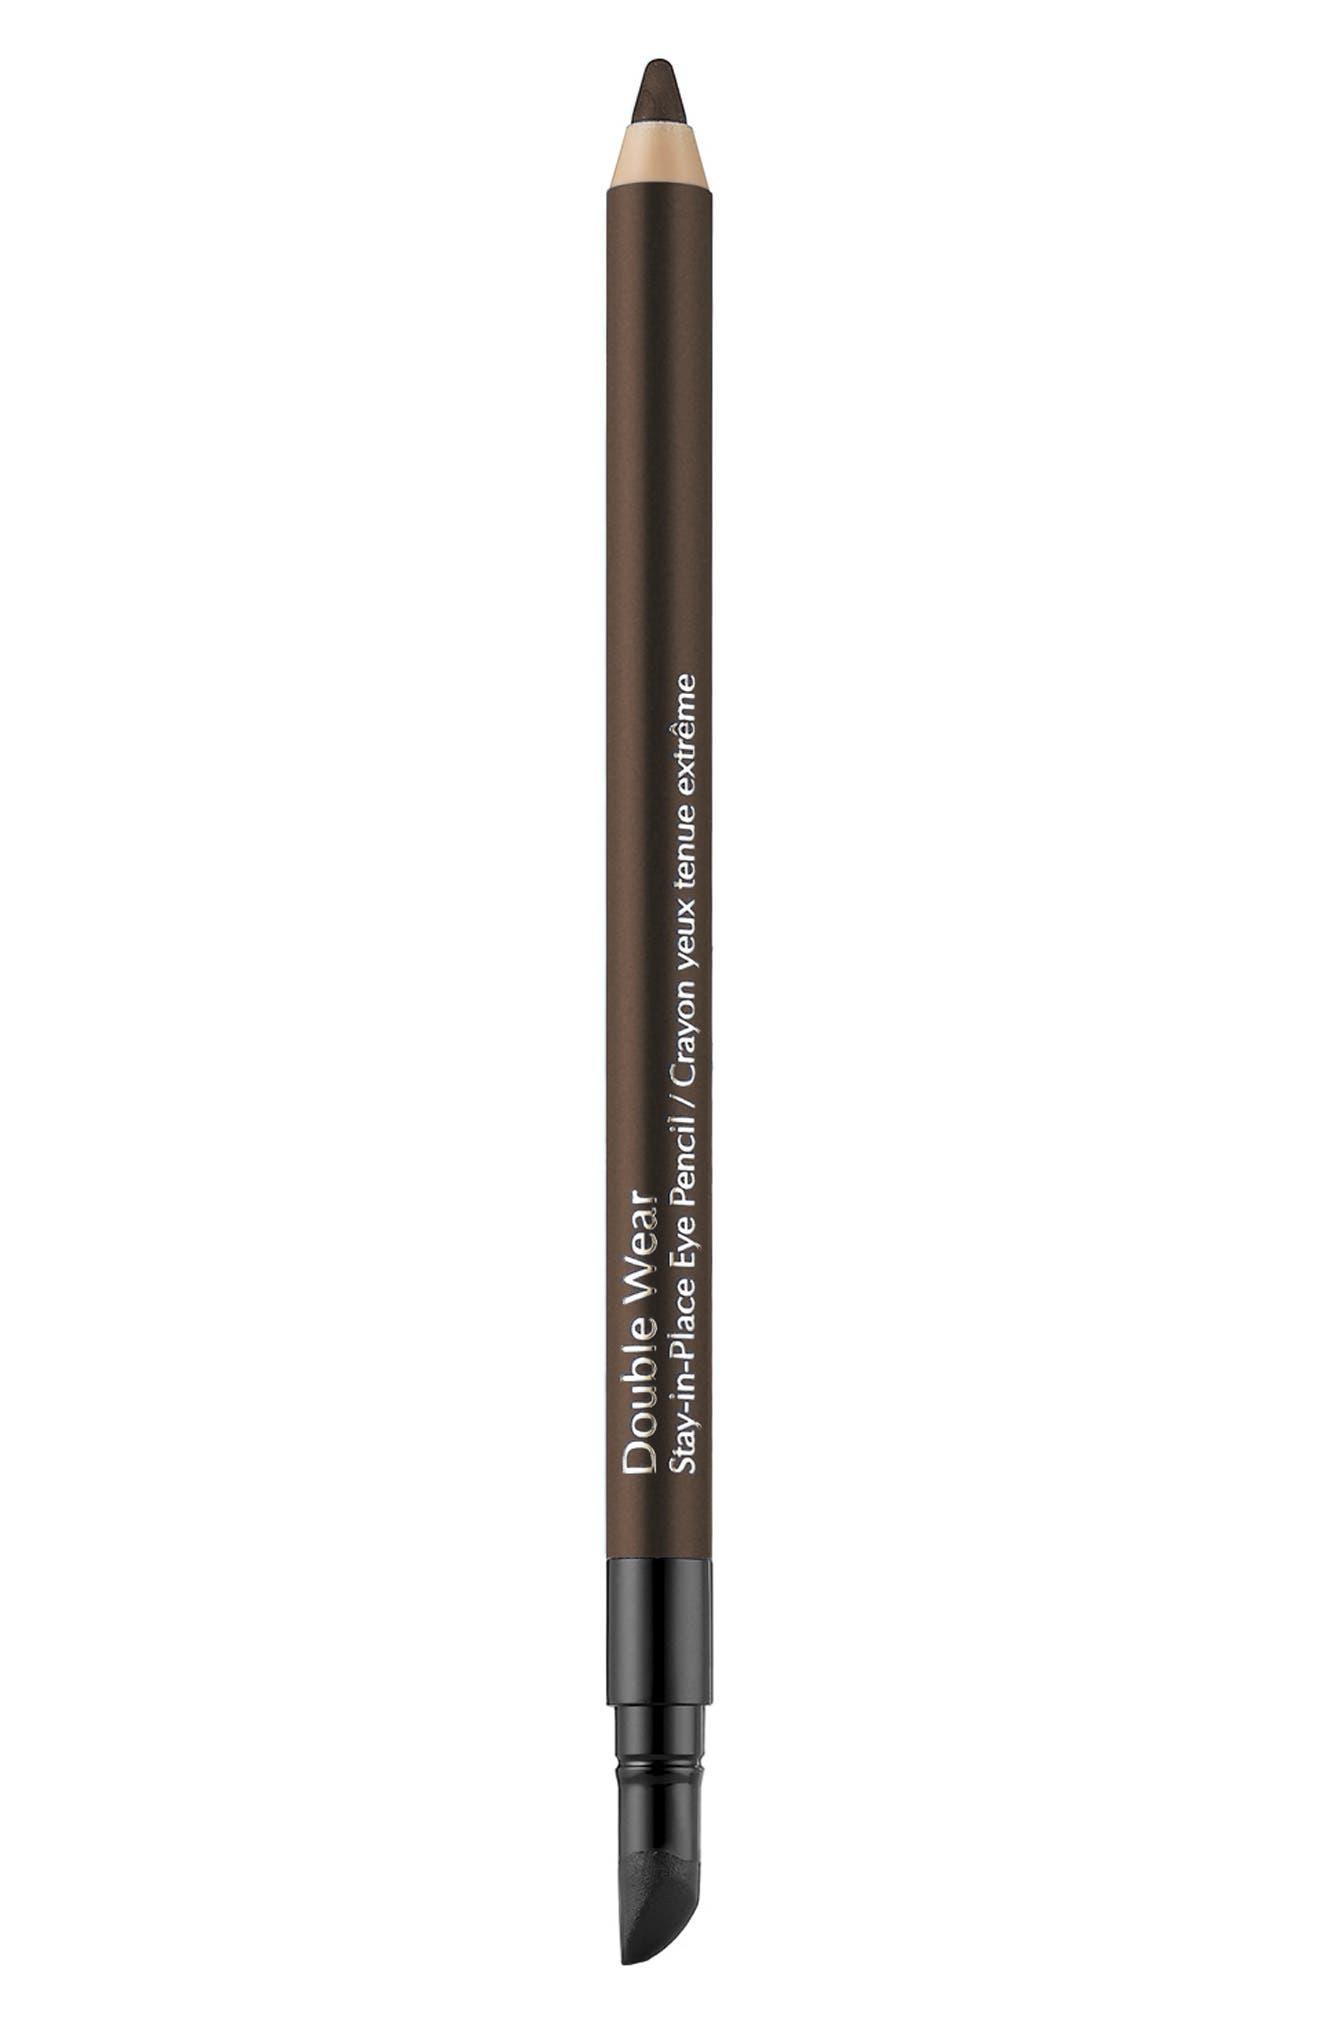 Estee Lauder Double Wear Stay-In-Place Eye Pencil - Coffee